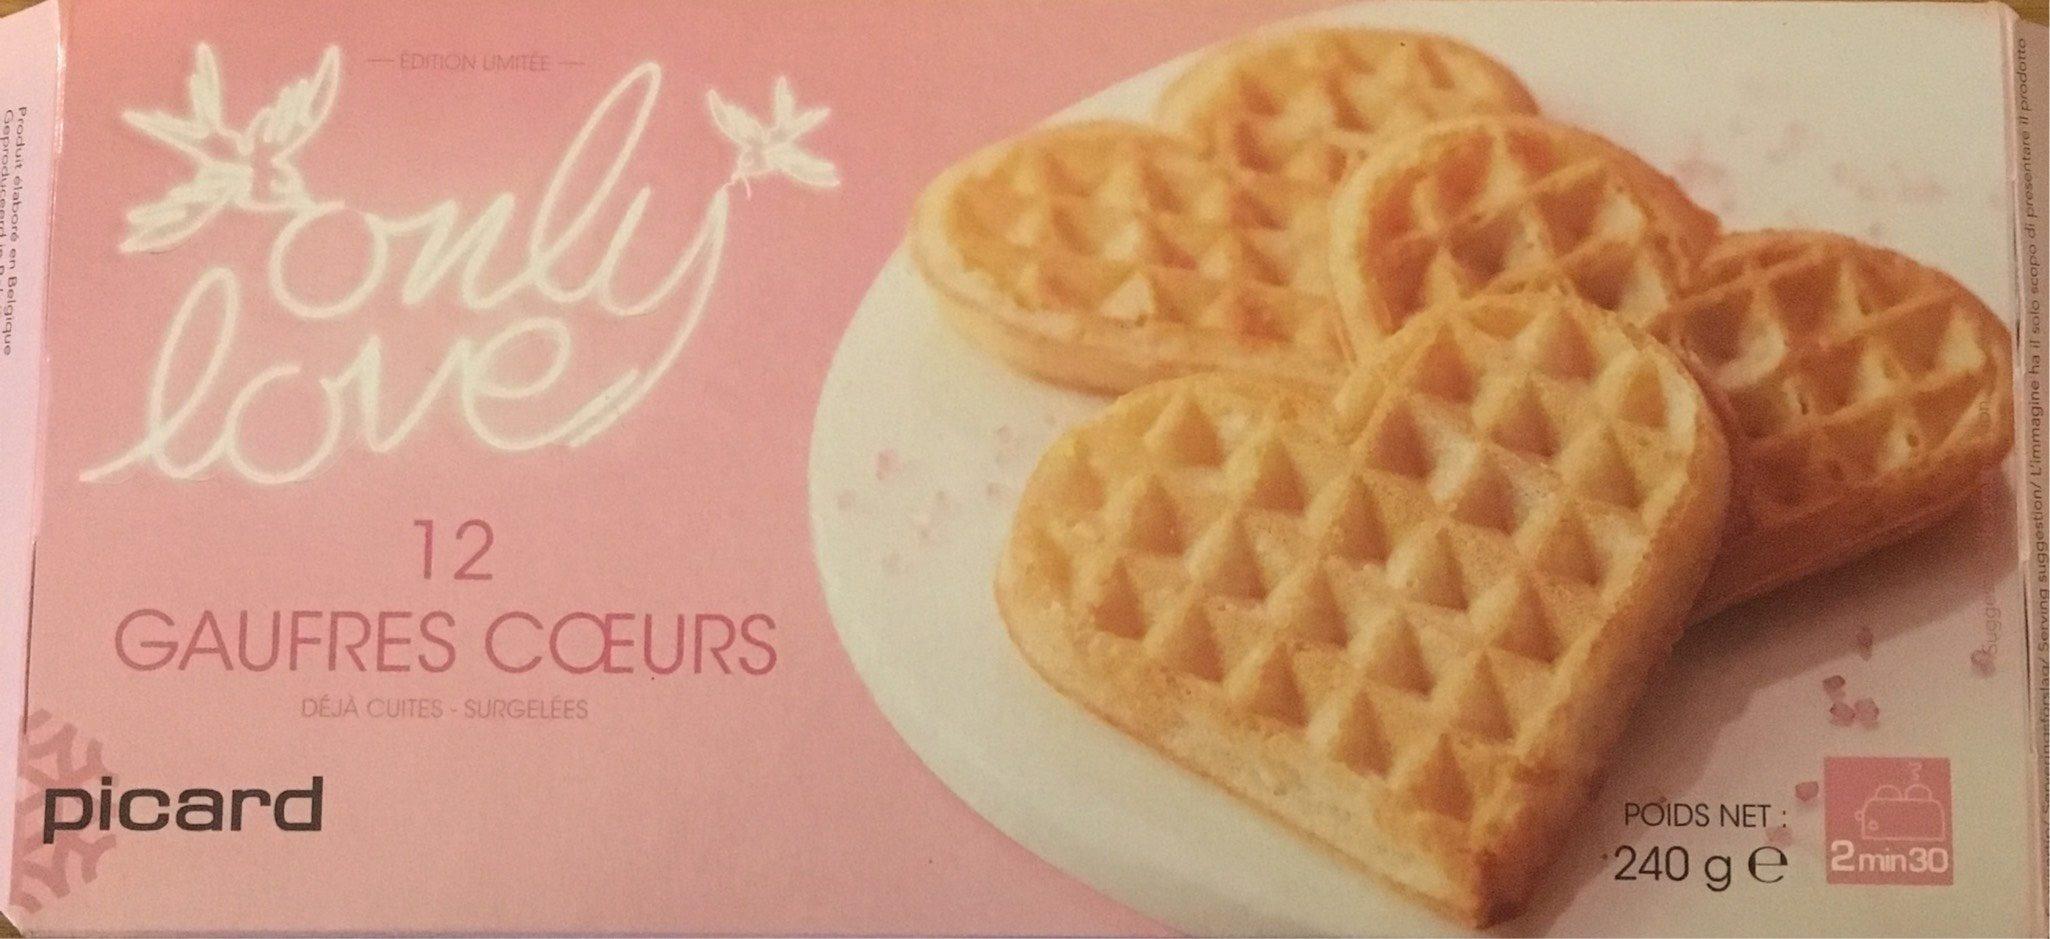 12 Gaufres Cœurs - Produit - fr